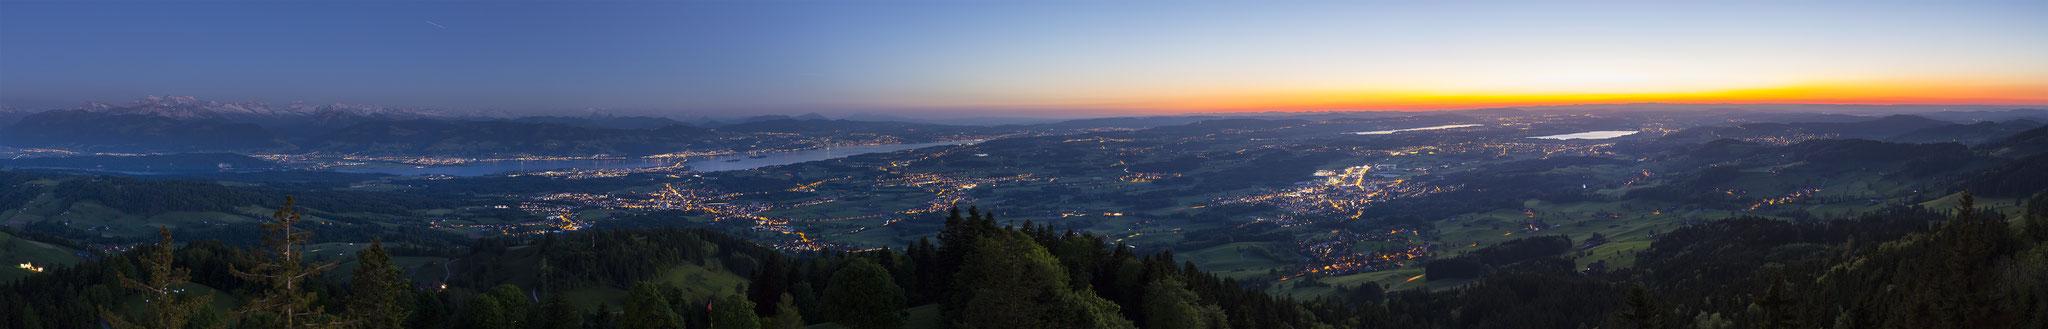 Bachtel during Sunset